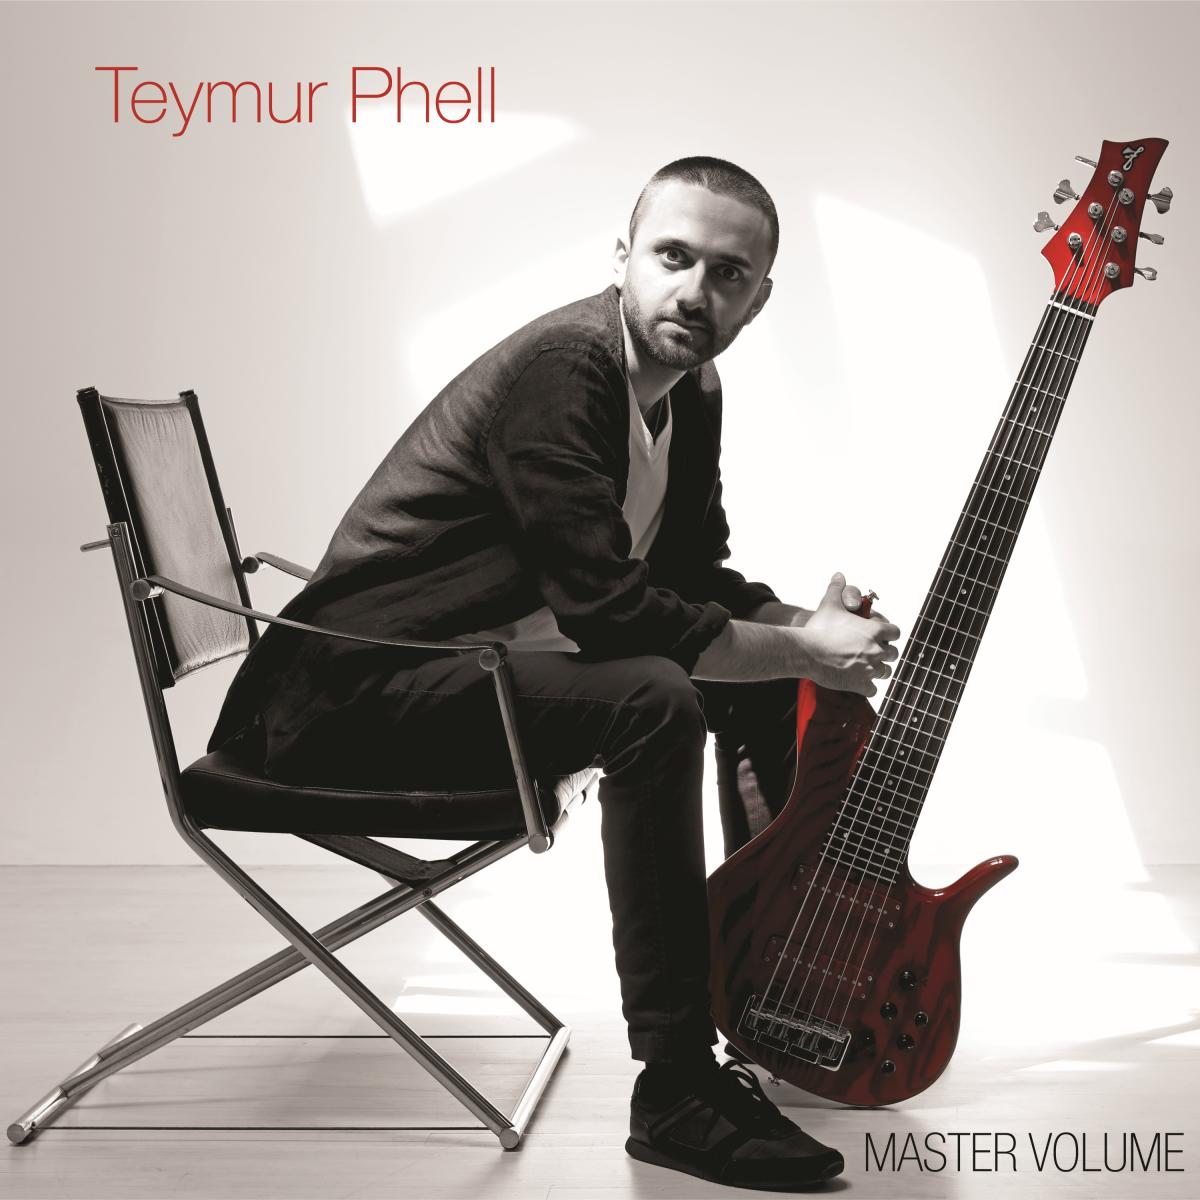 Teymur Phell